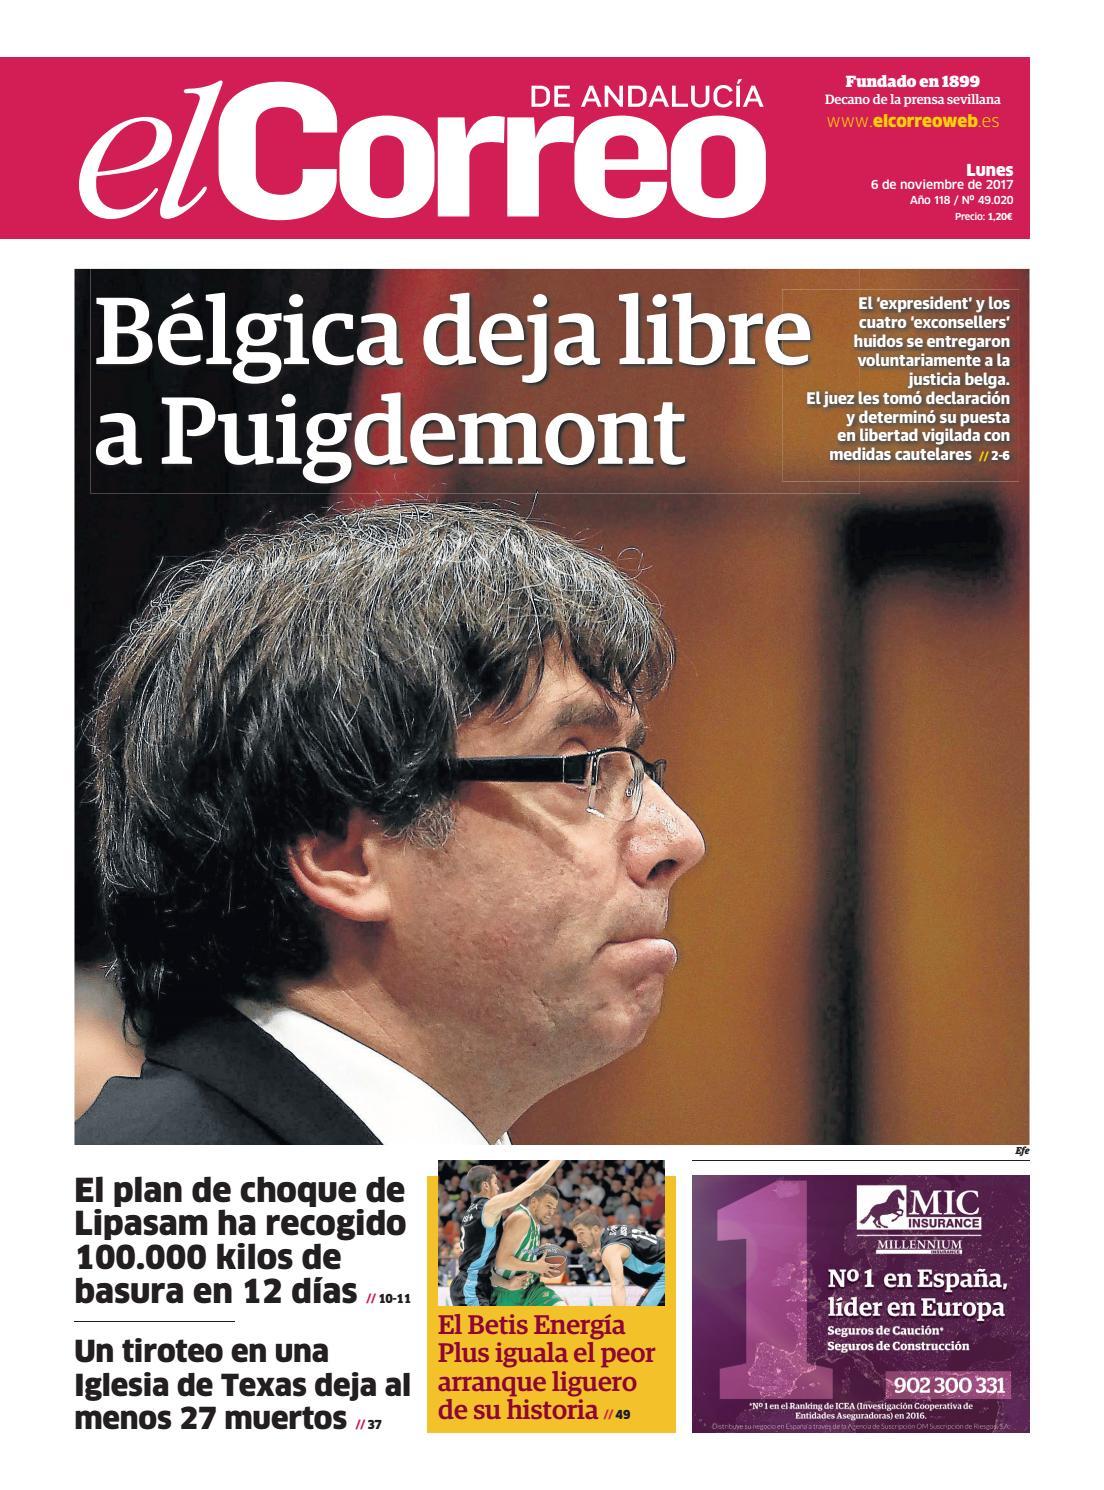 06.11.2017 El Correo de Andalucía by EL CORREO DE ANDALUCÍA S.L. - issuu